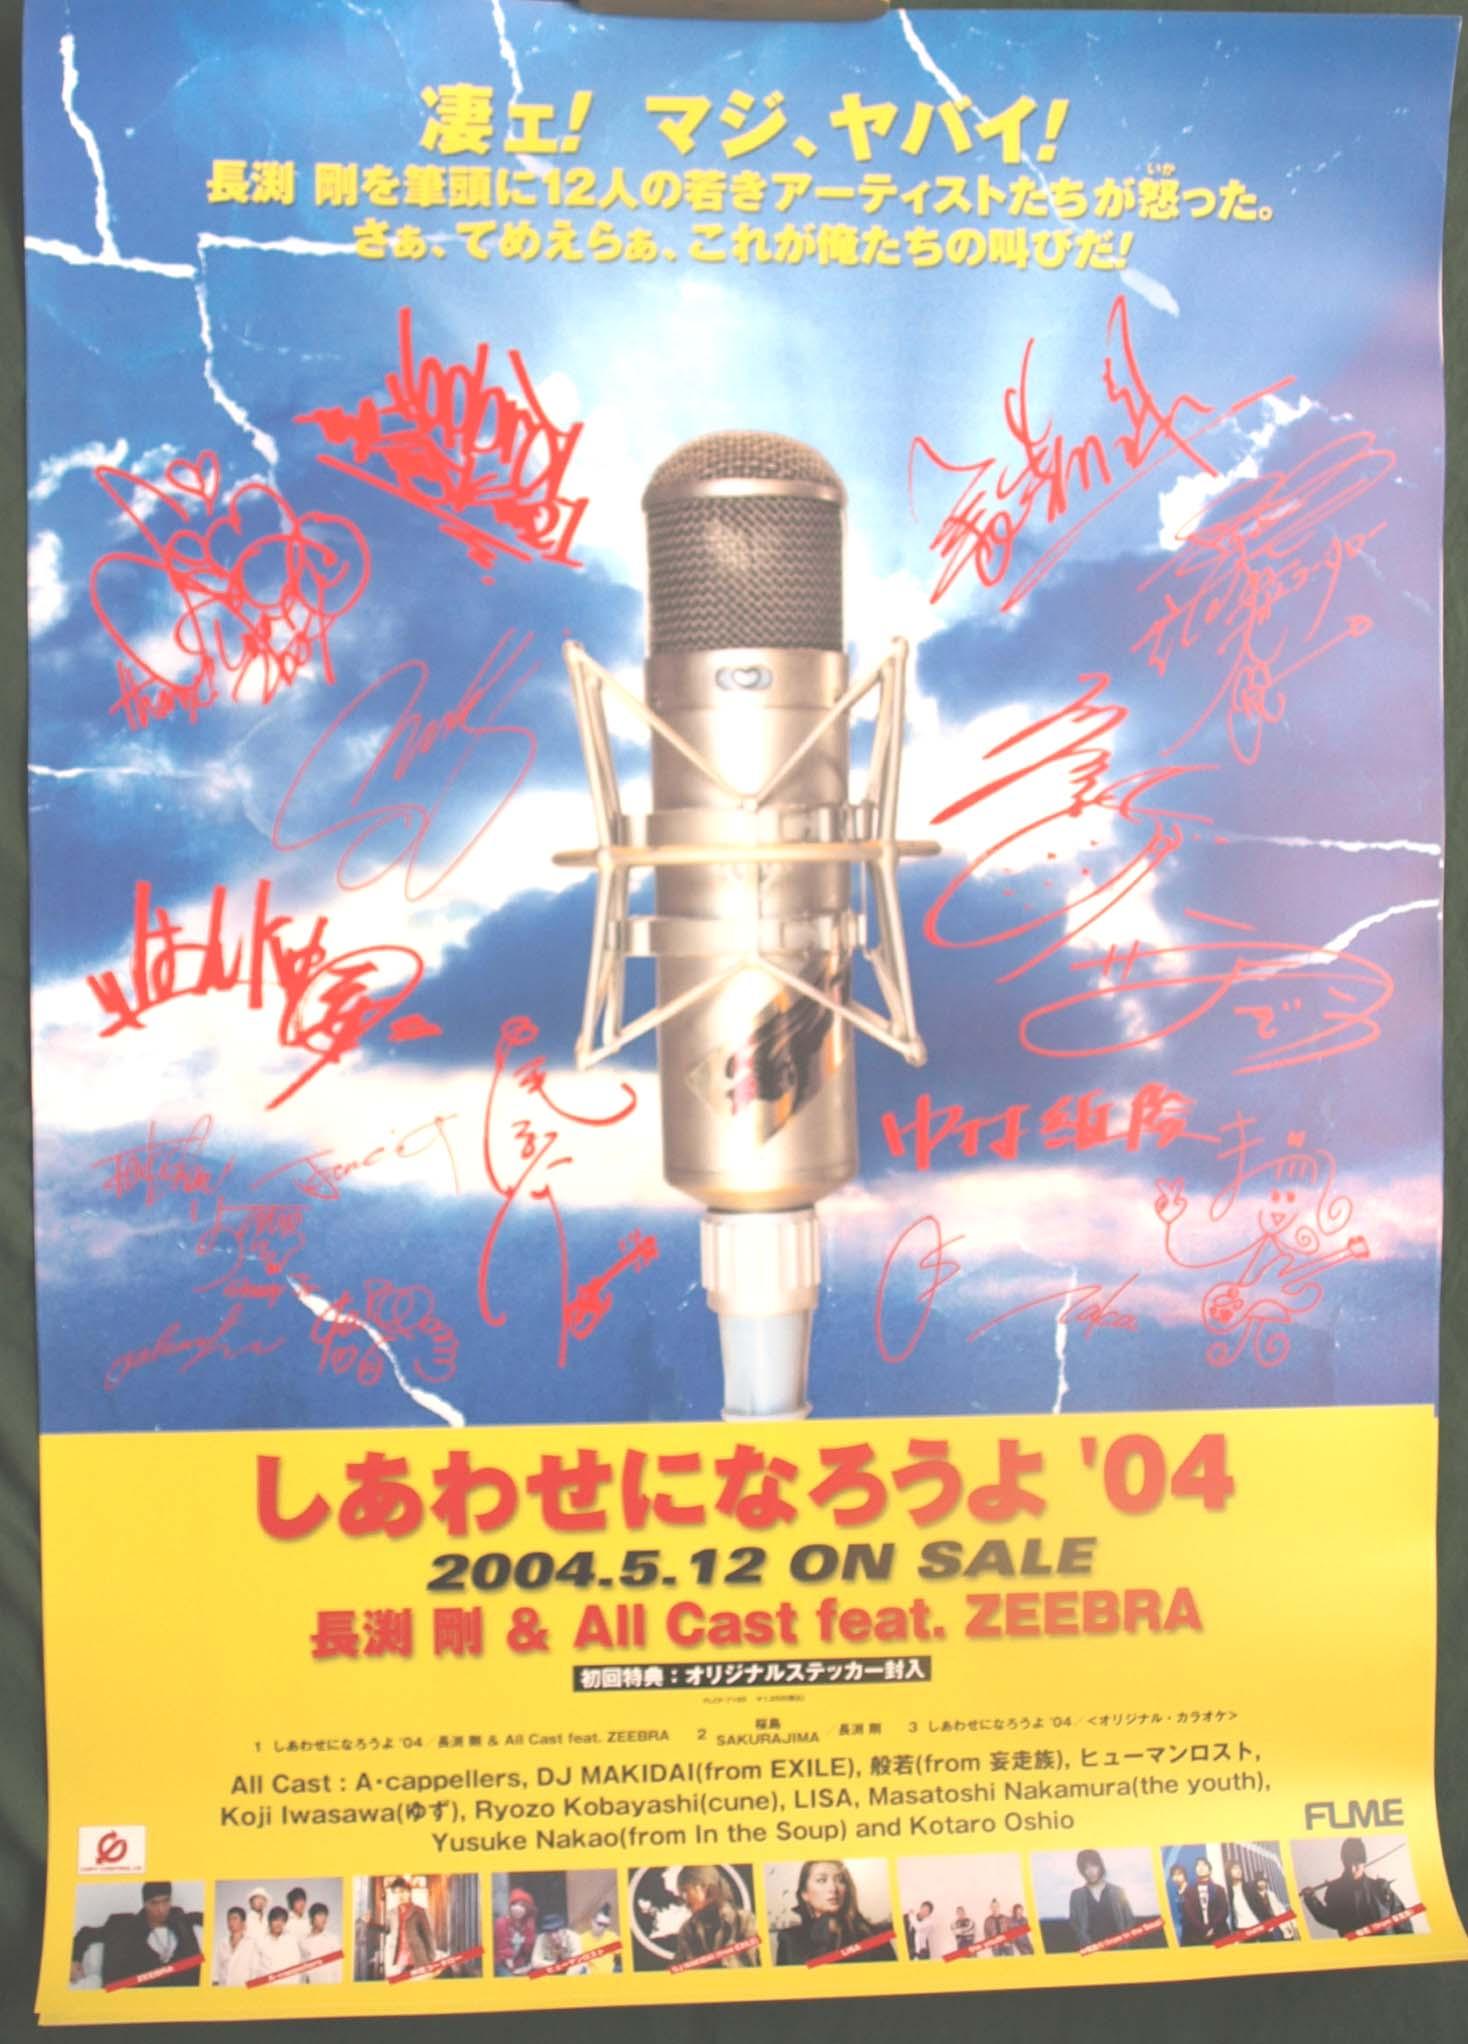 長渕剛 All Cast Feat Zeebra しあわせになろうよ 04 のポスター